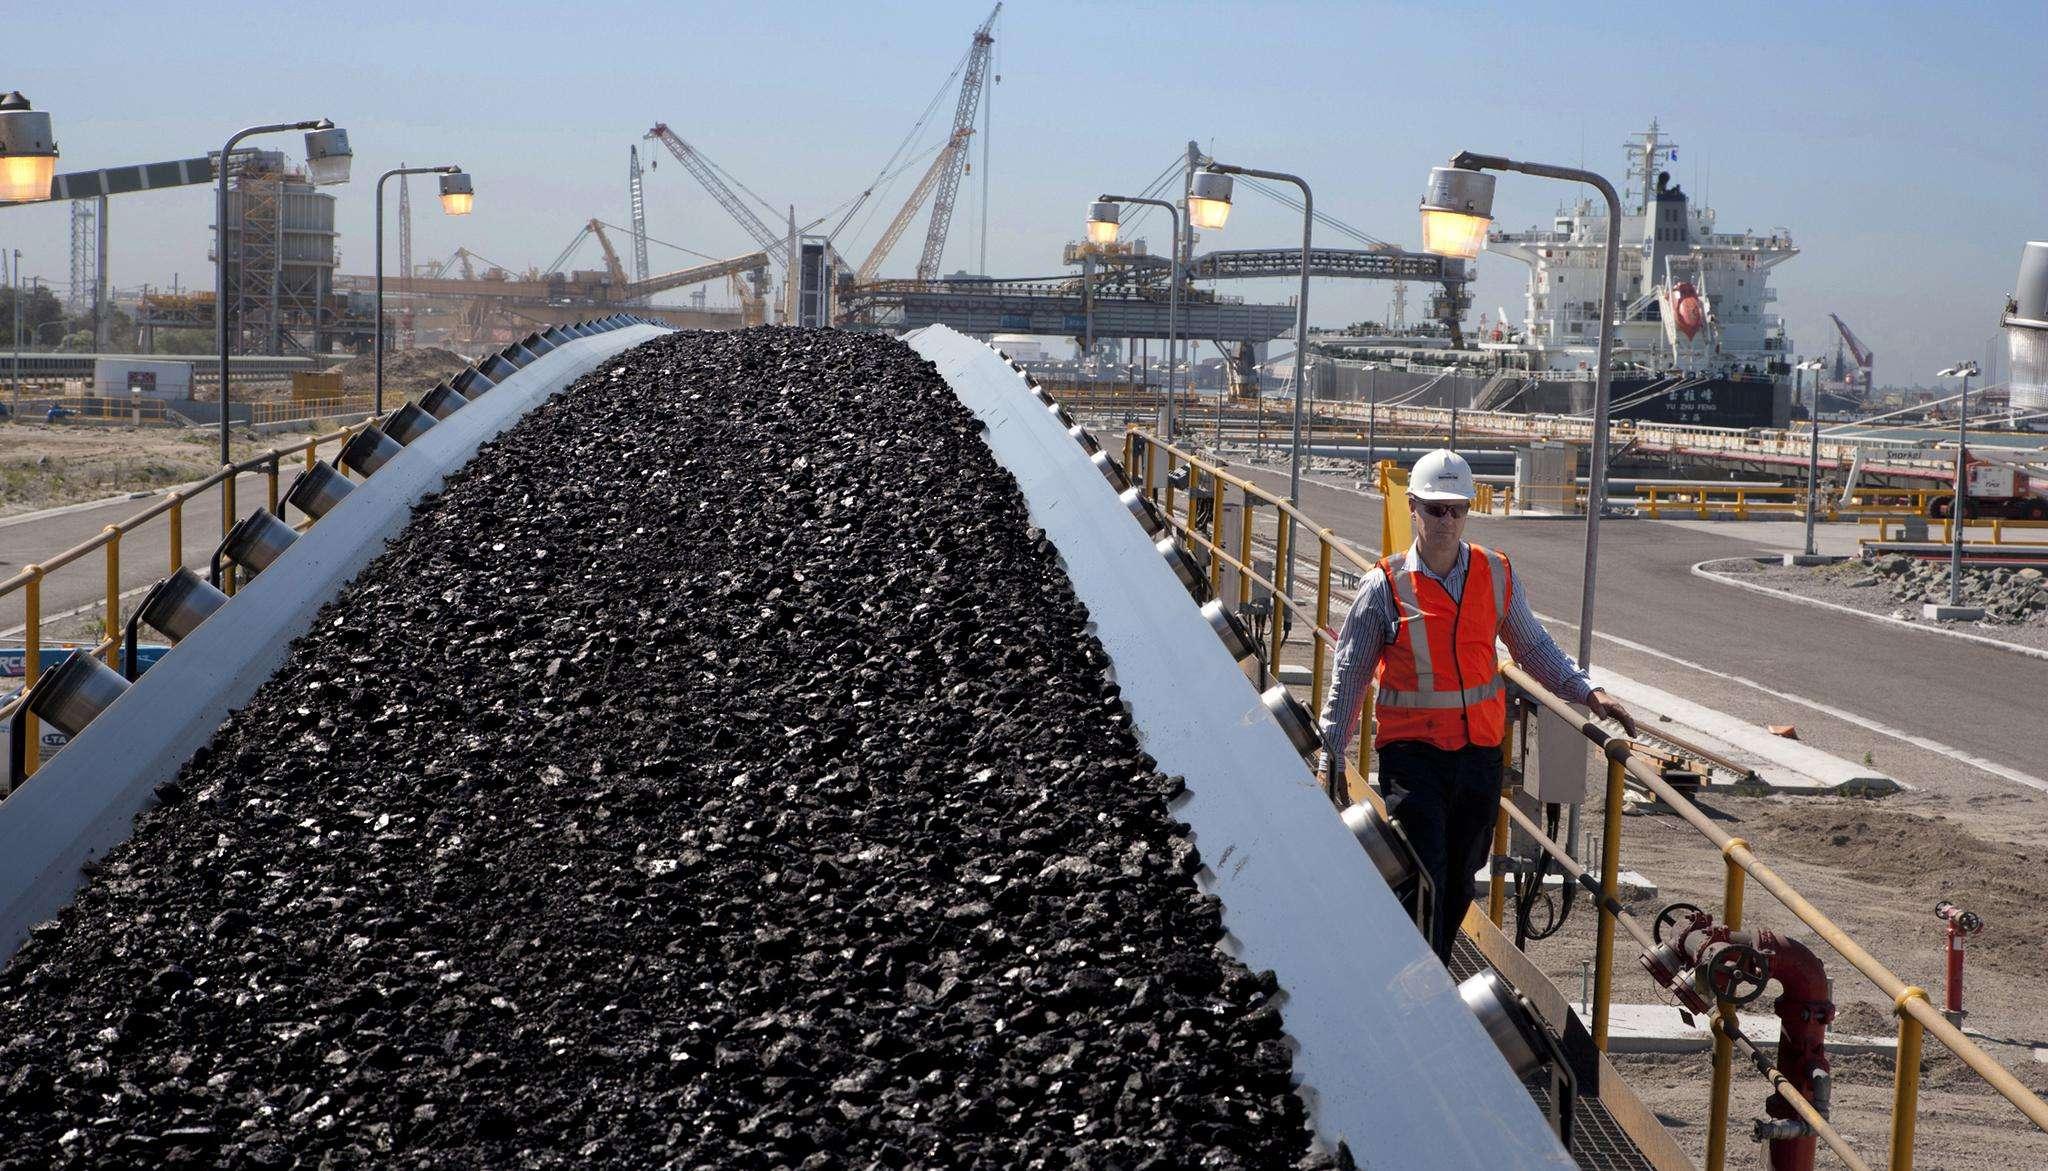 中国订单转向印尼,澳大利亚煤炭出路被断,澳媒:请中方停止歧视 原创千字视界2020-11-30 14:04:40 上周五中国驻印度尼西亚大使馆发布公告称,中国驻印尼大使肖千11月25日应邀出席了中印尼